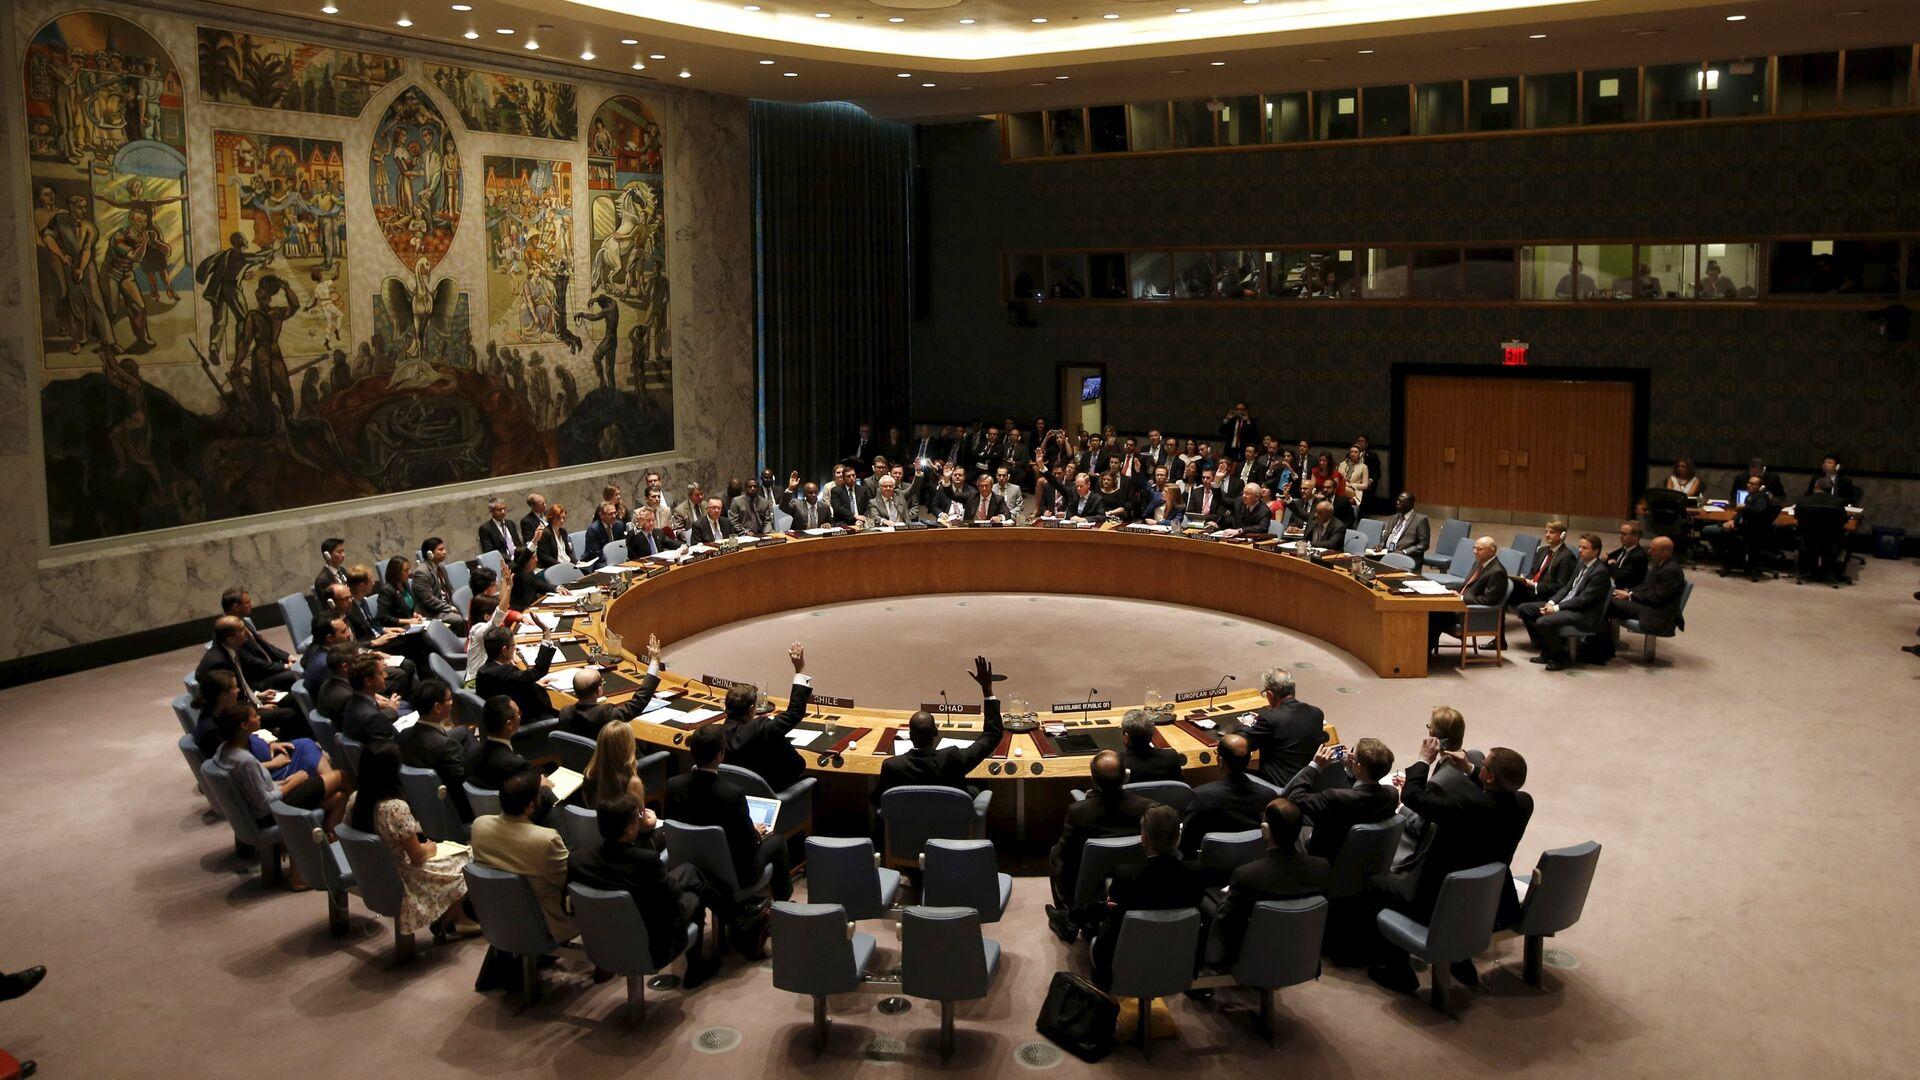 Consejo de Seguridad de la ONU (archivo) - Sputnik Mundo, 1920, 17.05.2021